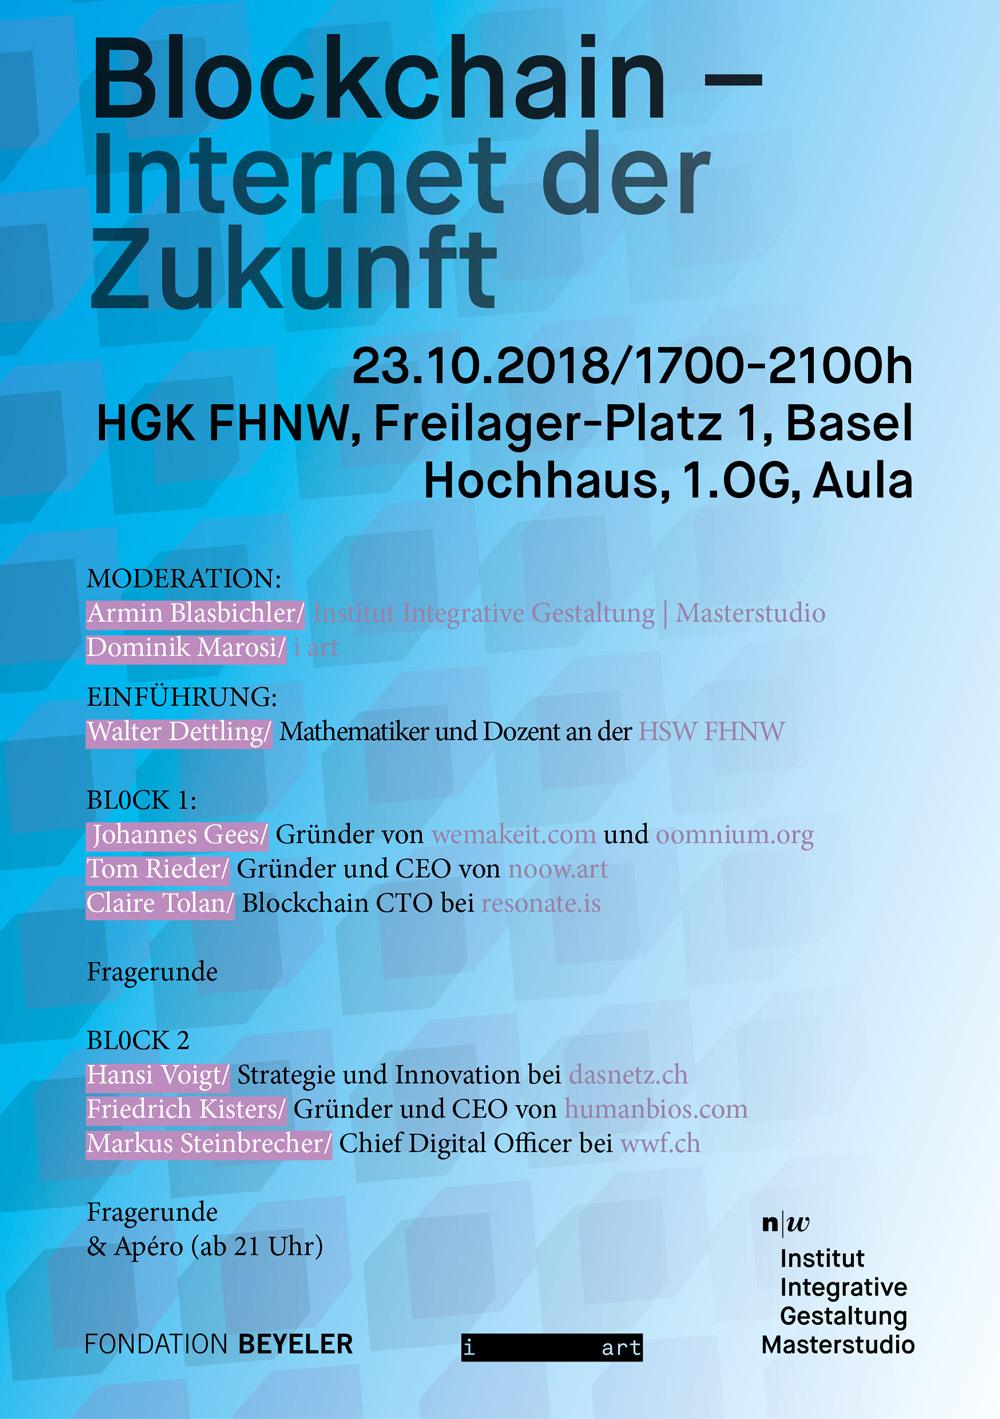 BLCKCHN18_Flyer.jpg